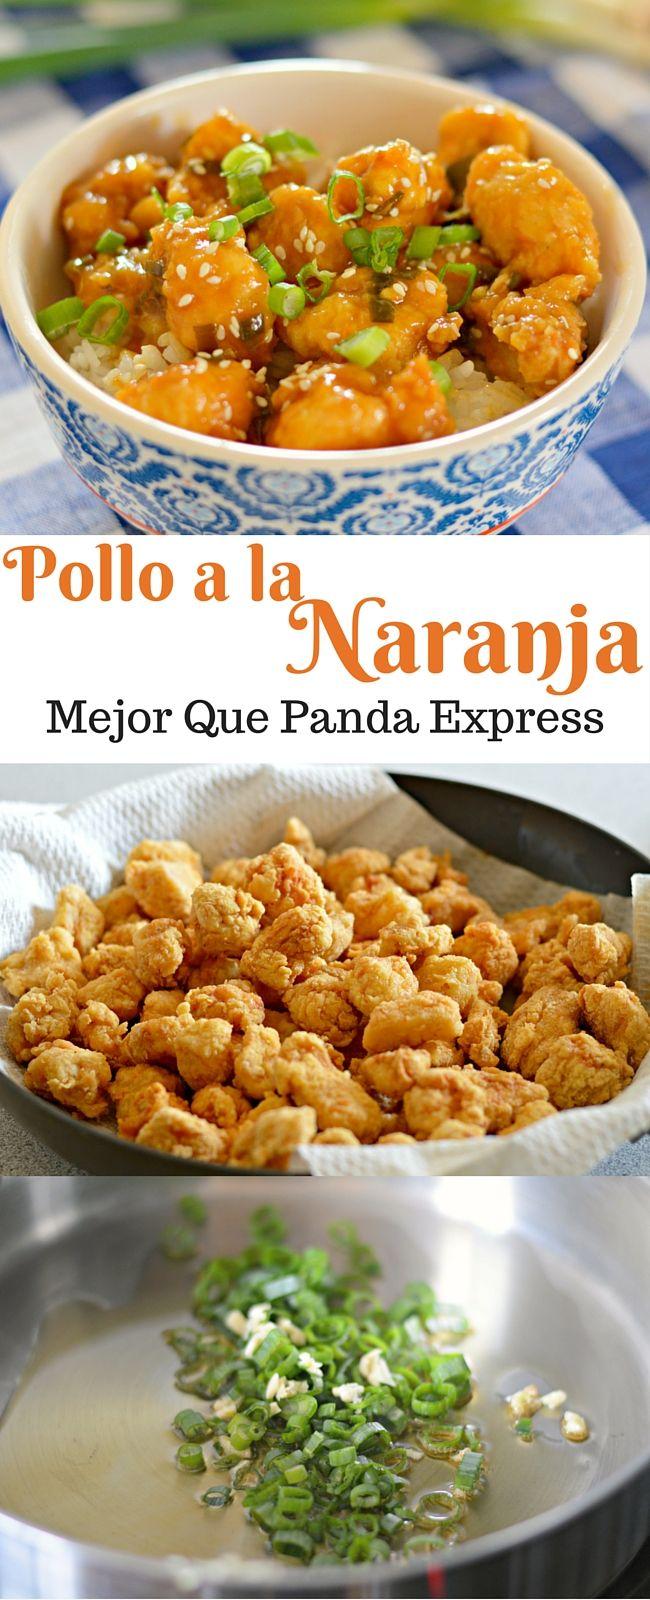 Pollo a la naranja mejor sabor que el de panda express recipe si te gusta comida china entonces te encantara este pollo a la naranja que tiene gail s recipesmeat recipesdinner forumfinder Image collections